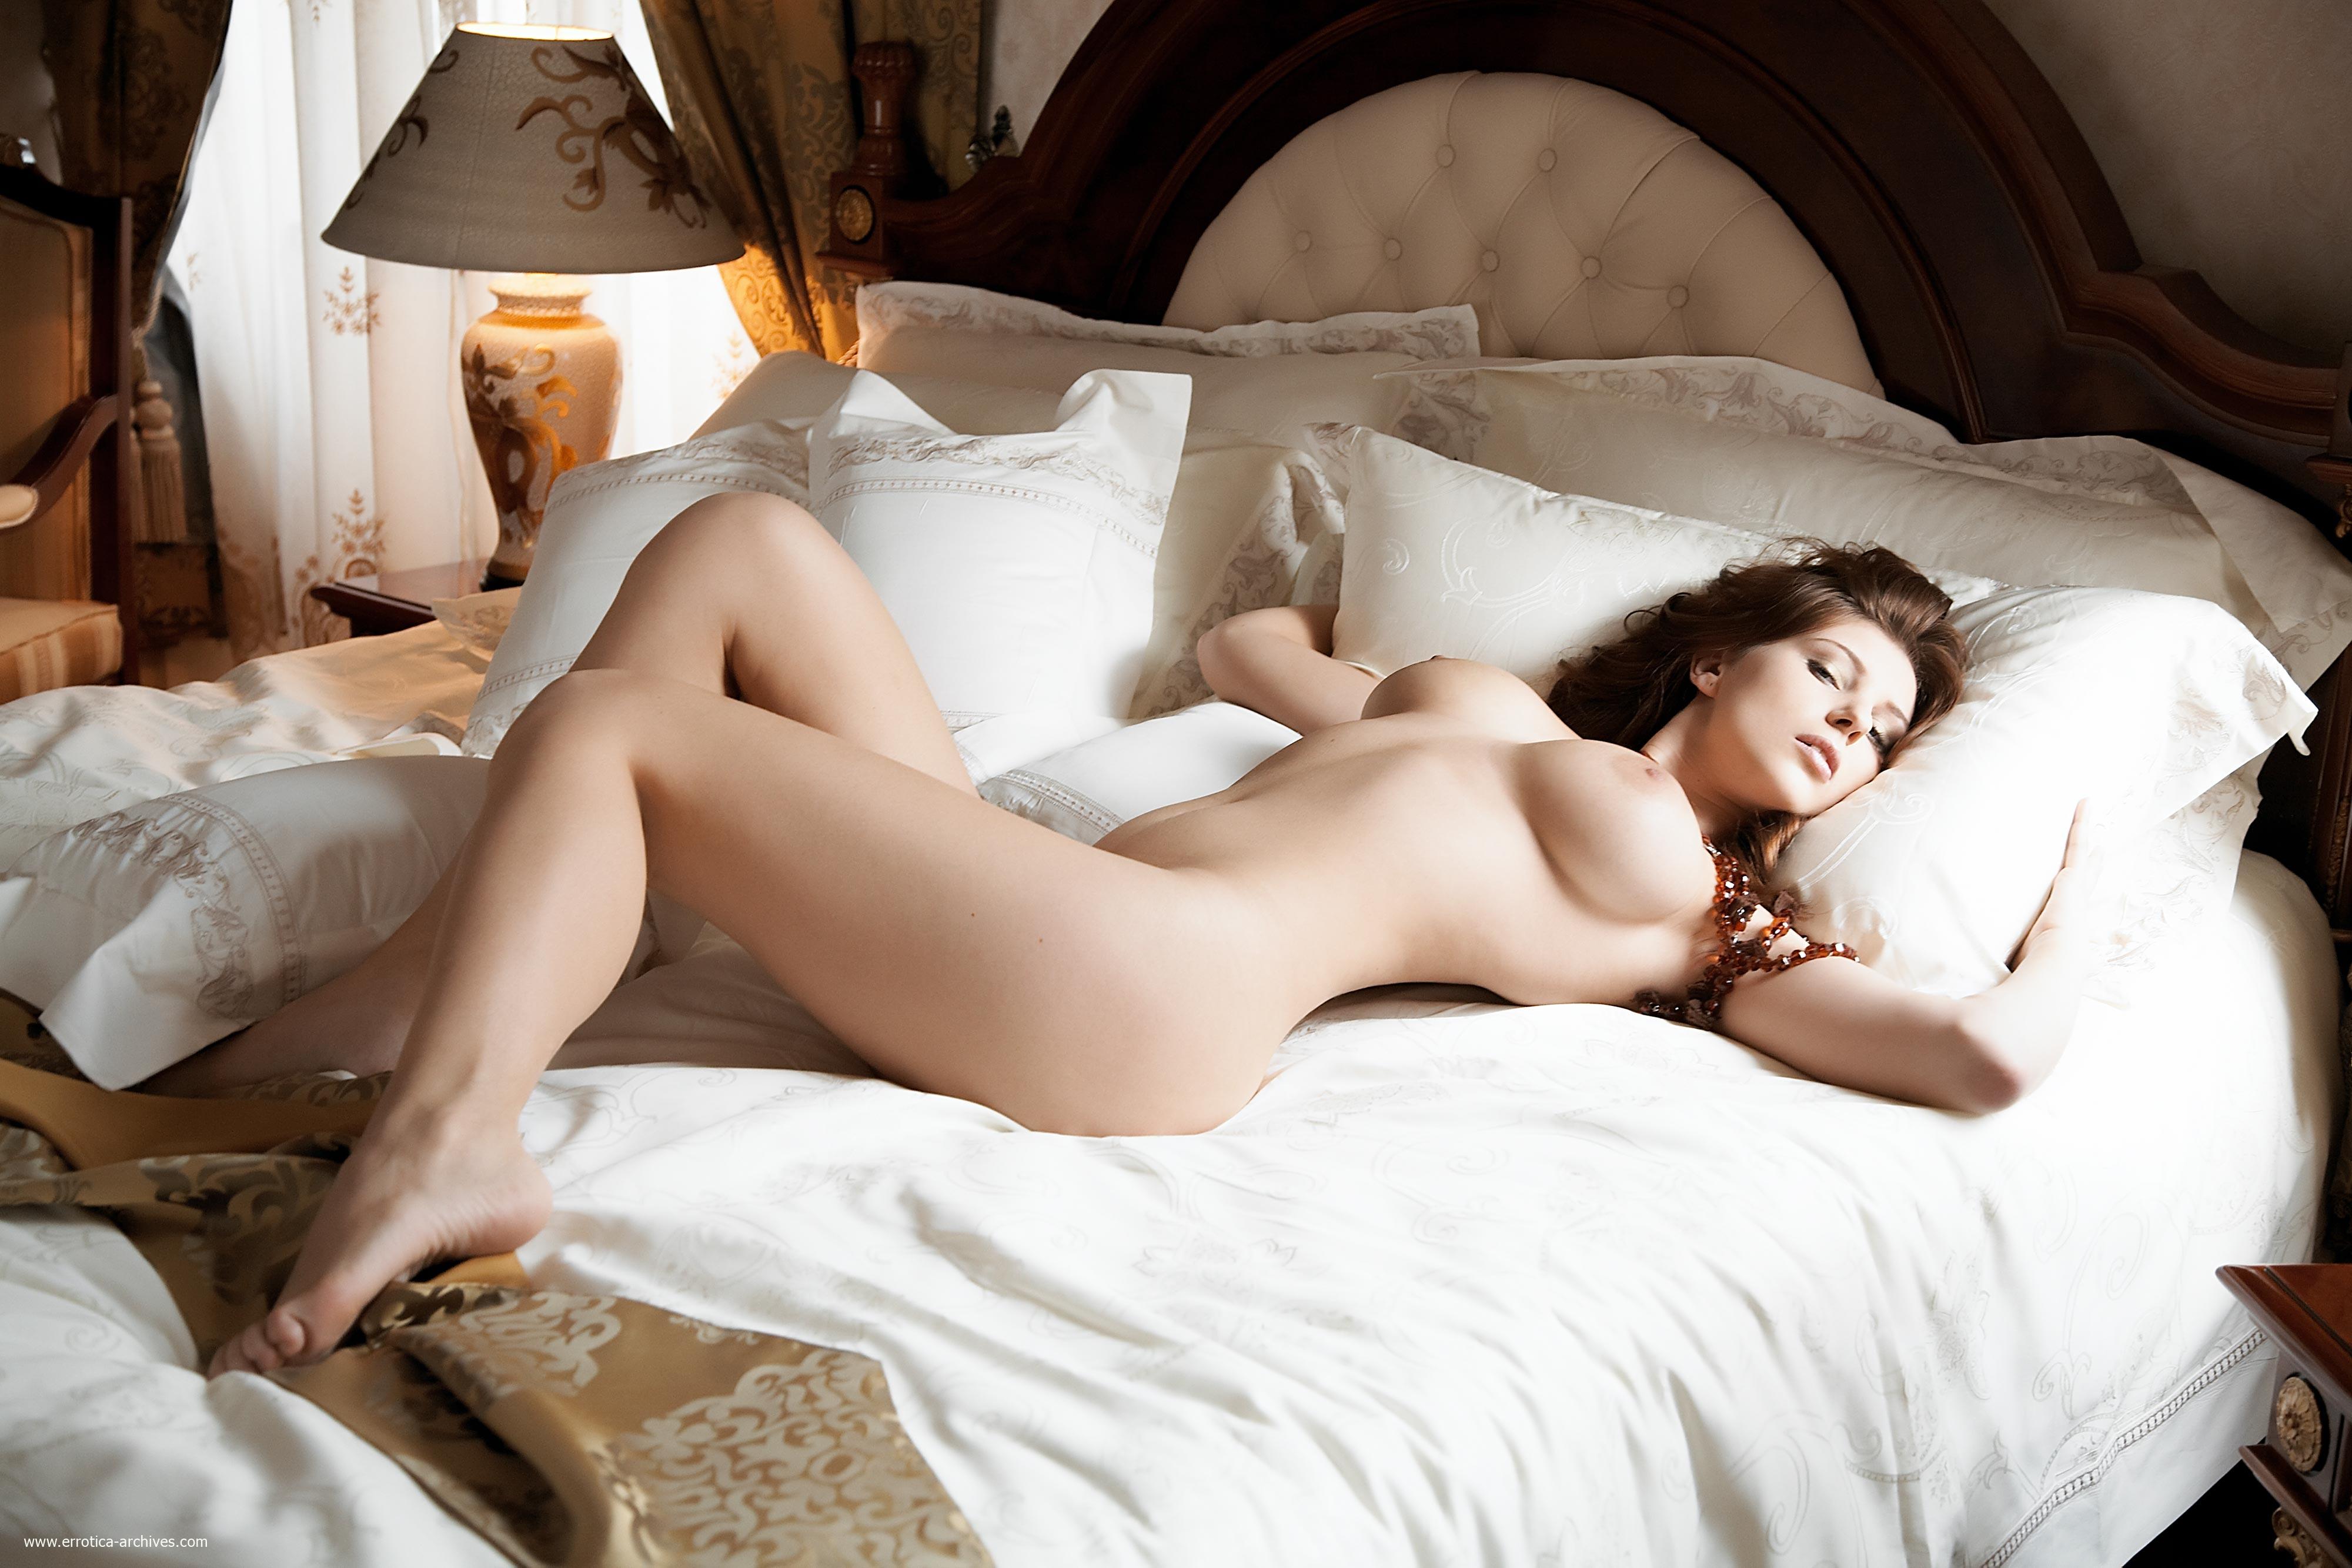 Big tits tube mom big tits porn big tits videos wife sex